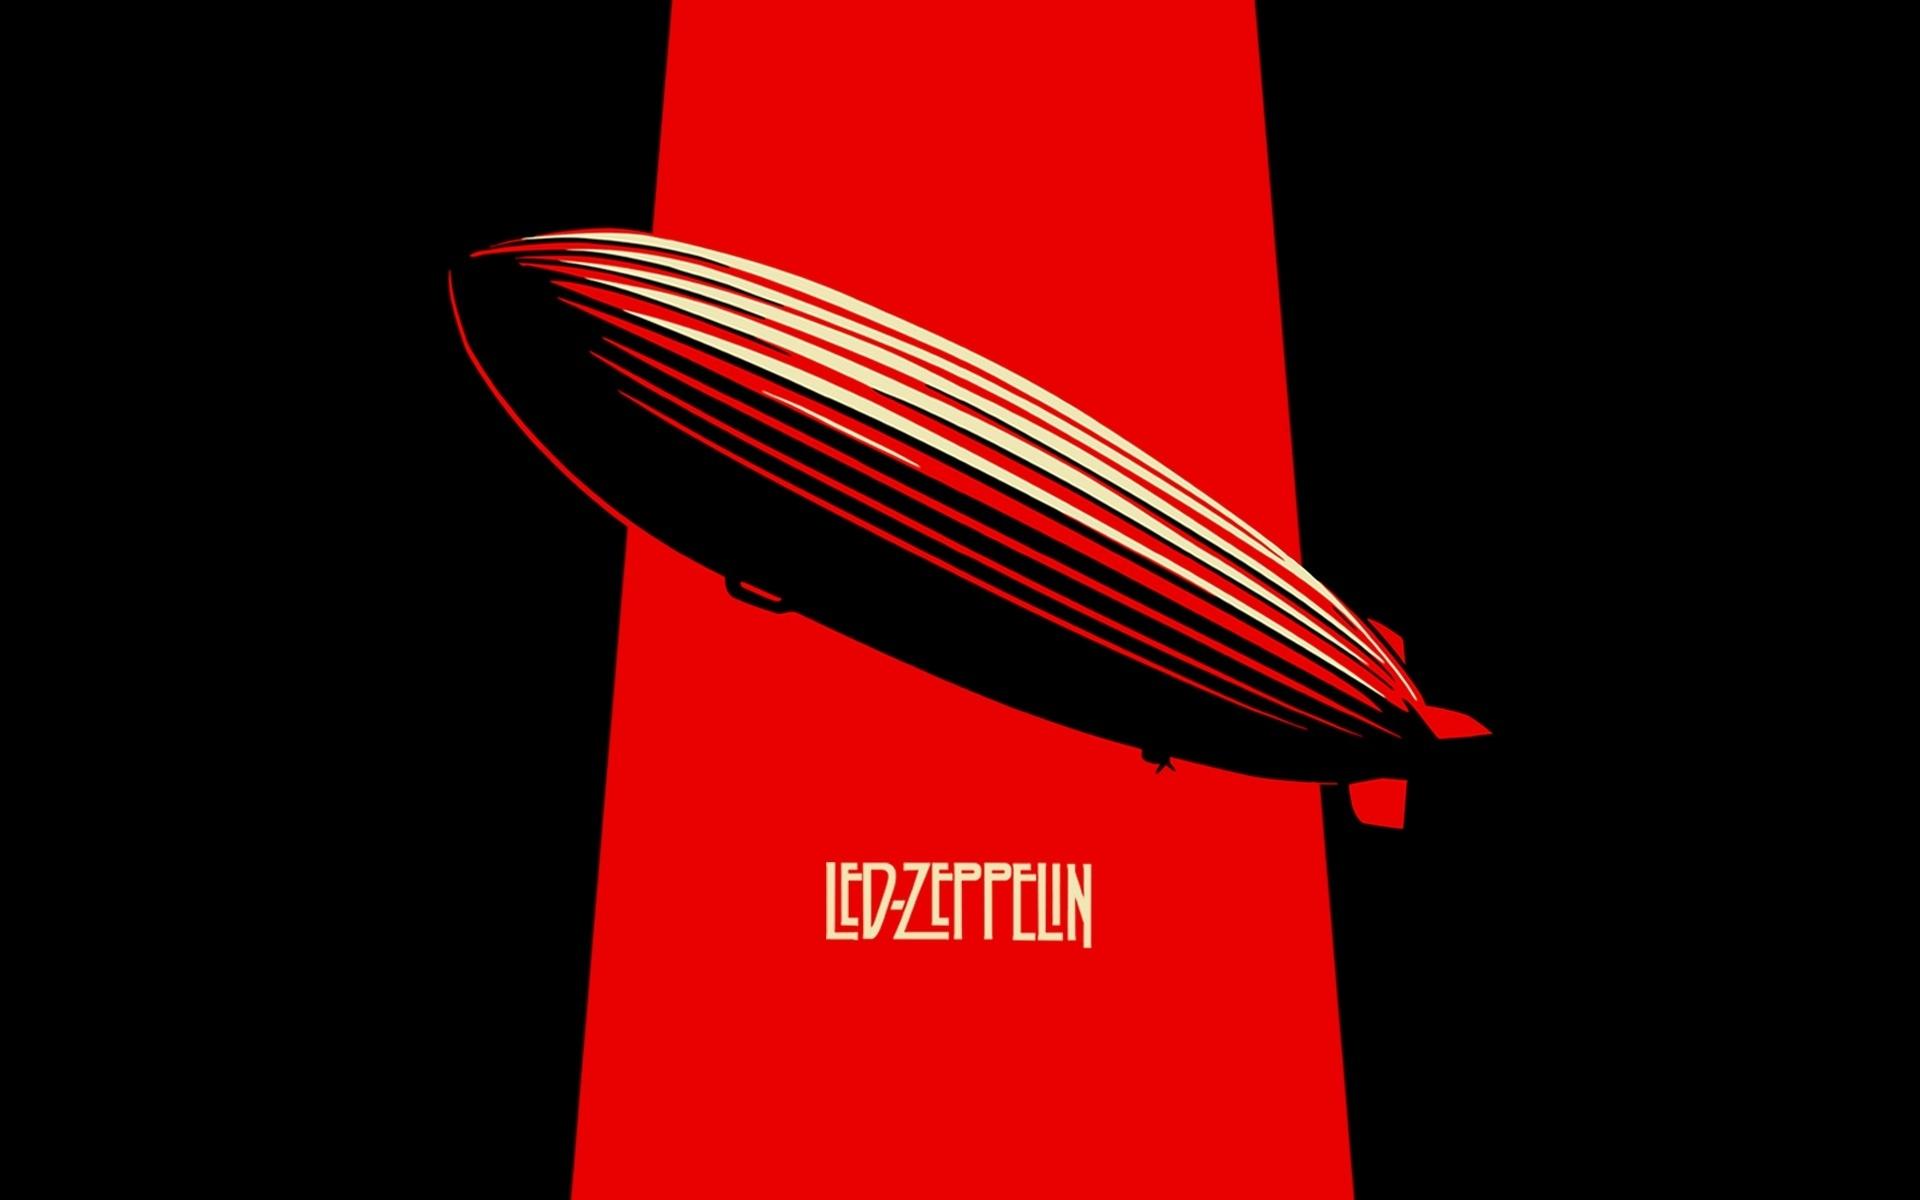 led zeppelin wallpaper ·① download free beautiful full hd